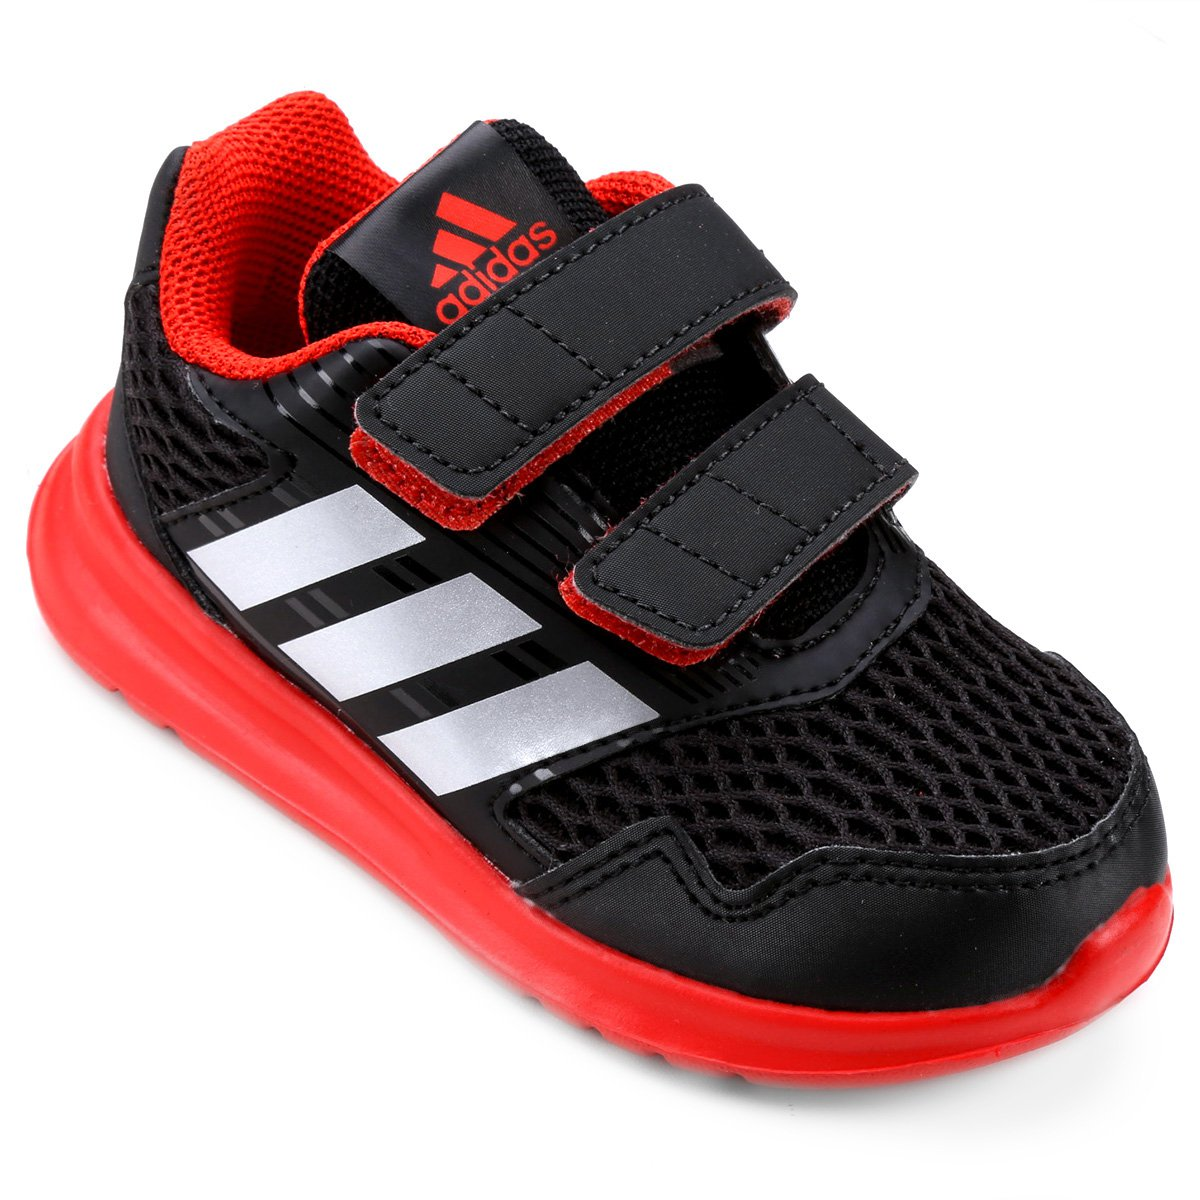 b85c9e11c9d Tênis Infantil Adidas Altarun Masculino - Compre Agora